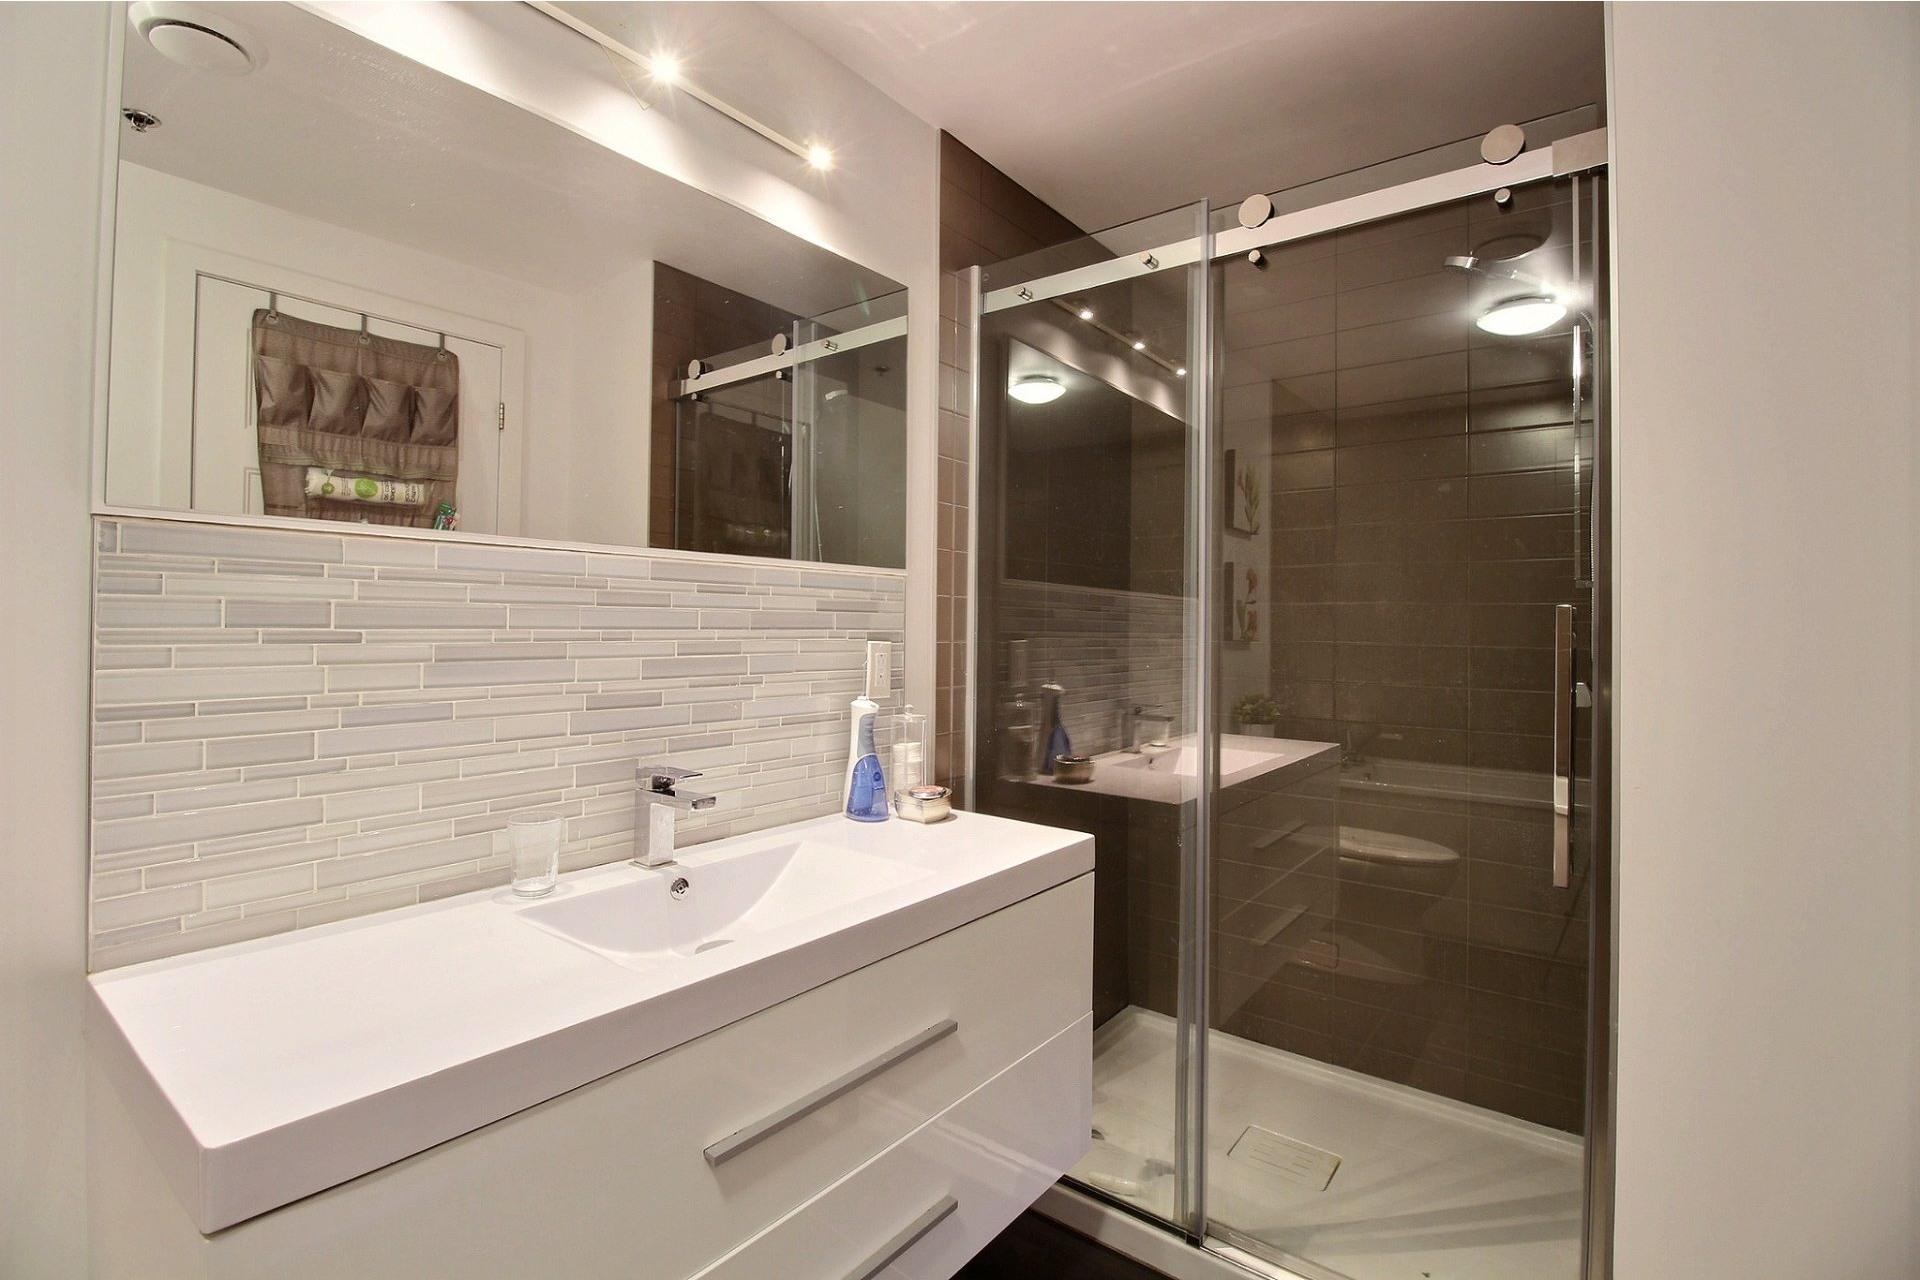 image 17 - Apartment For rent Montréal Le Sud-Ouest  - 6 rooms